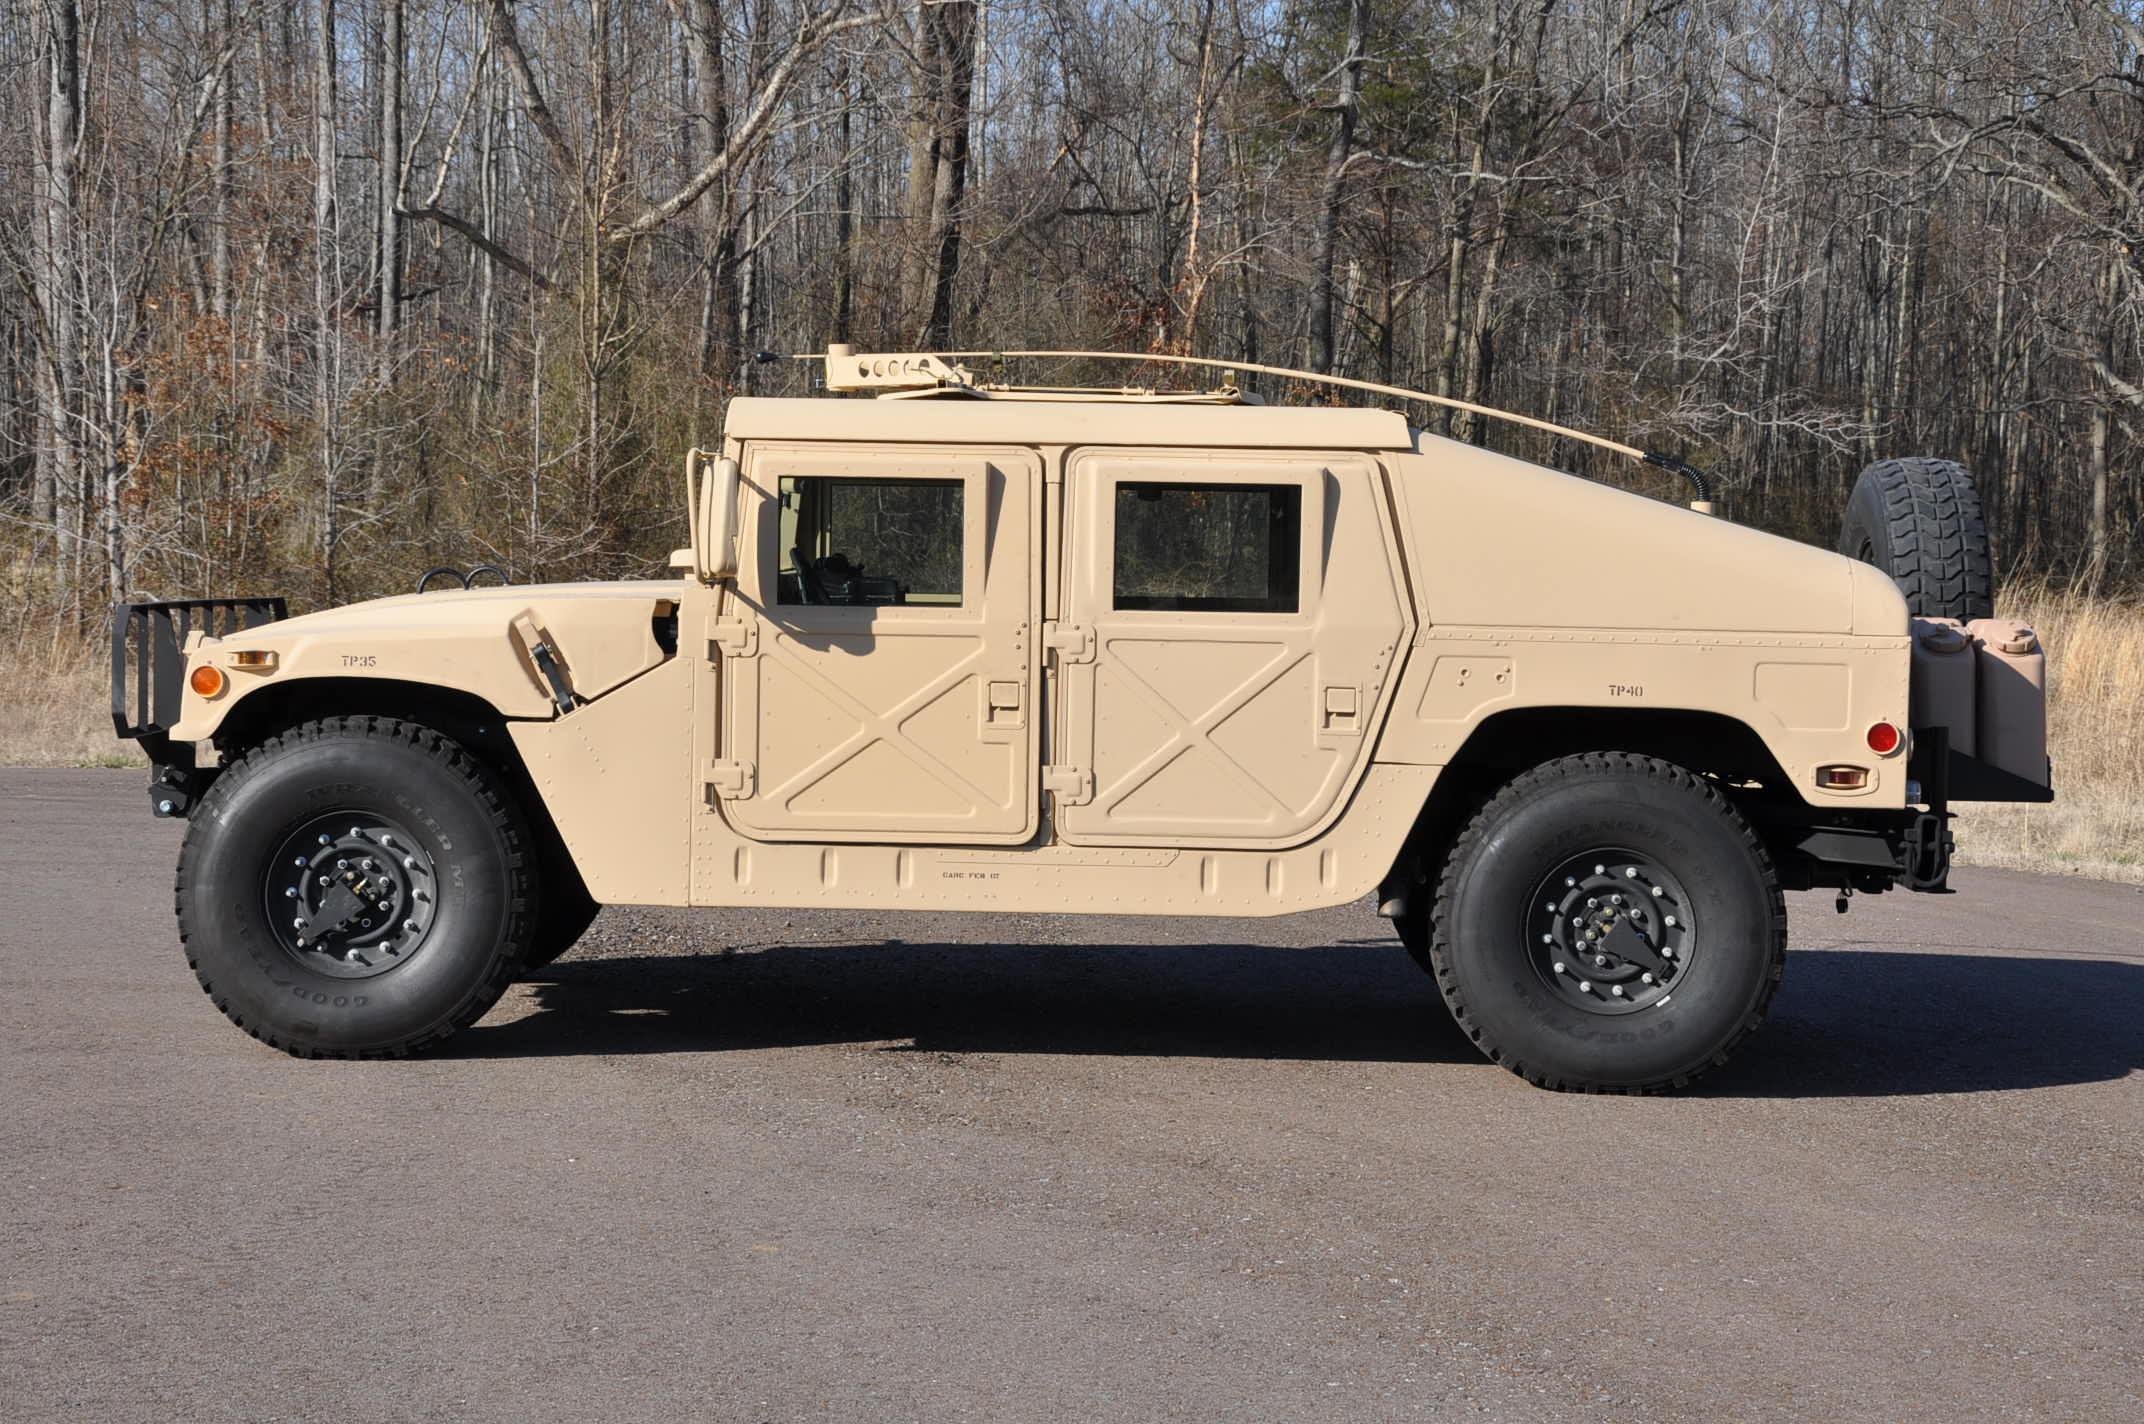 Used H1 | Custom H1, Humvee HMMWV Builds, Accessories & Galleries ...